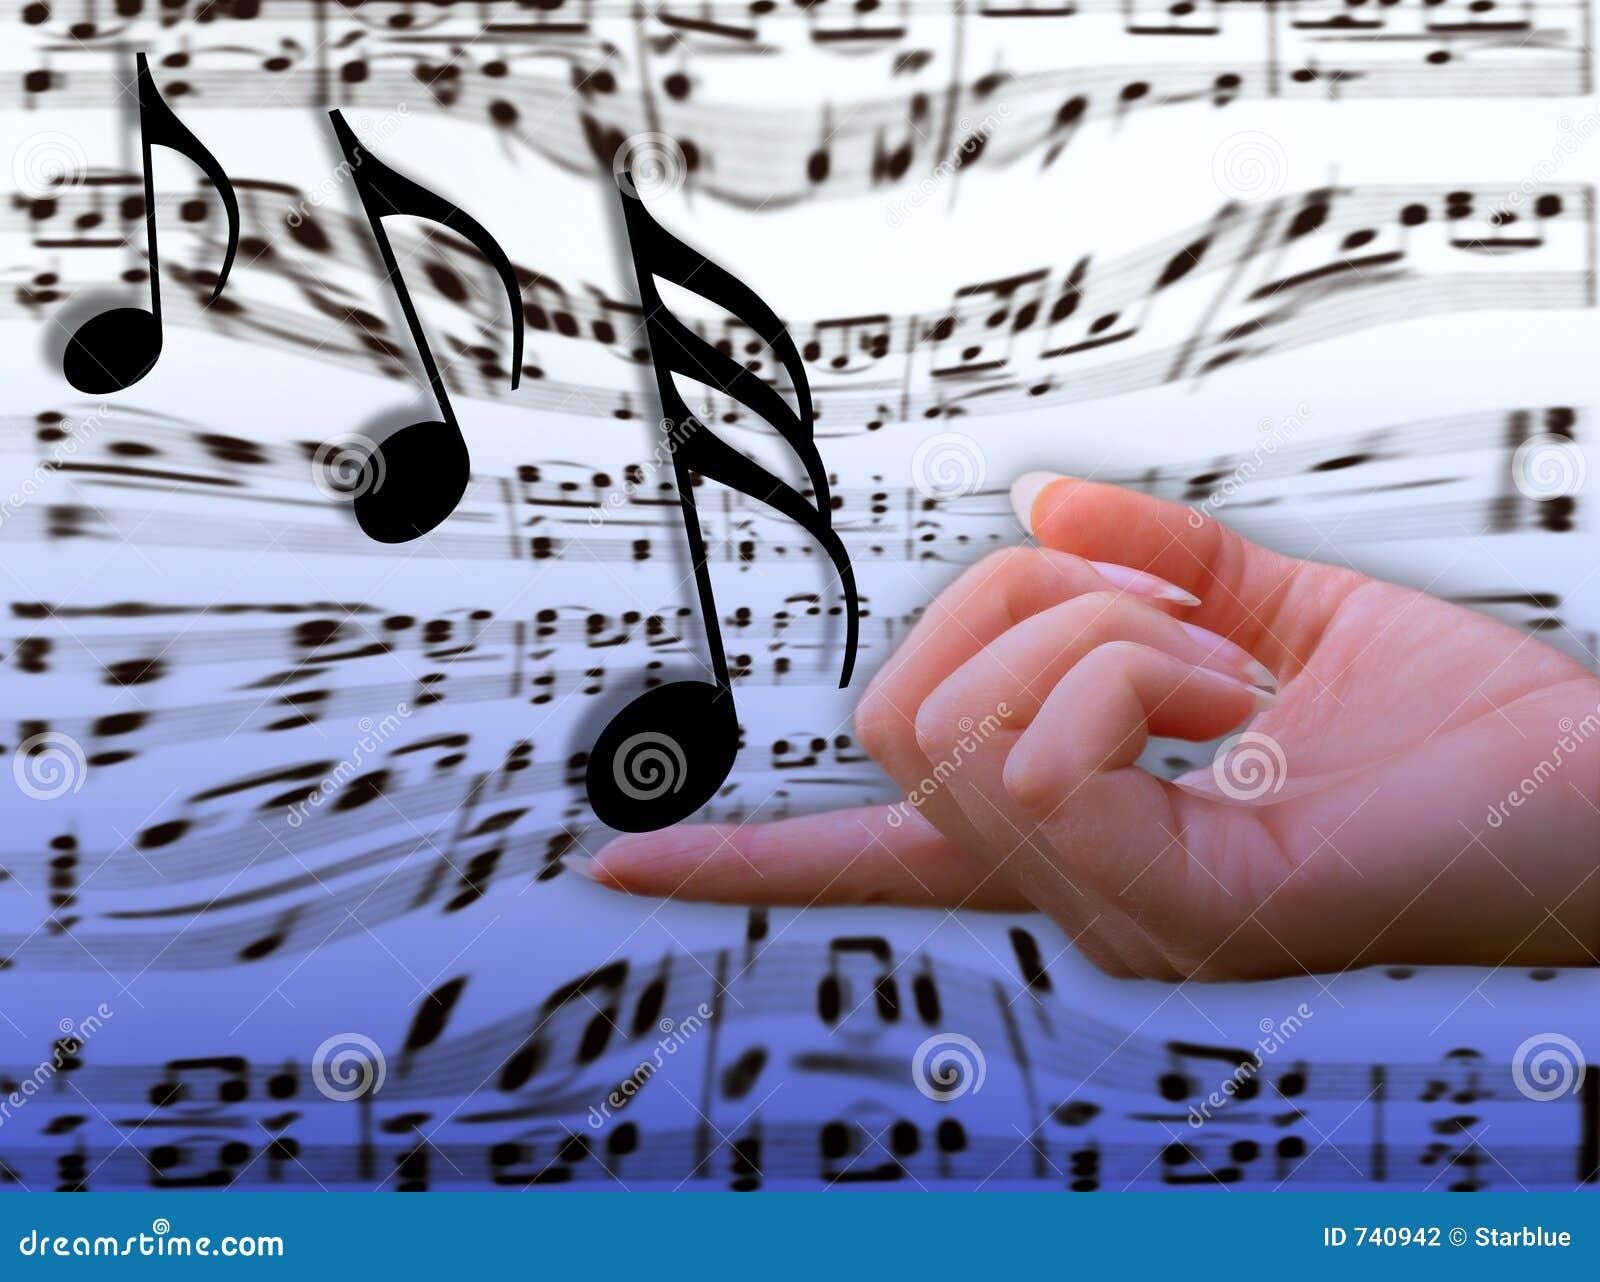 Music on her finger